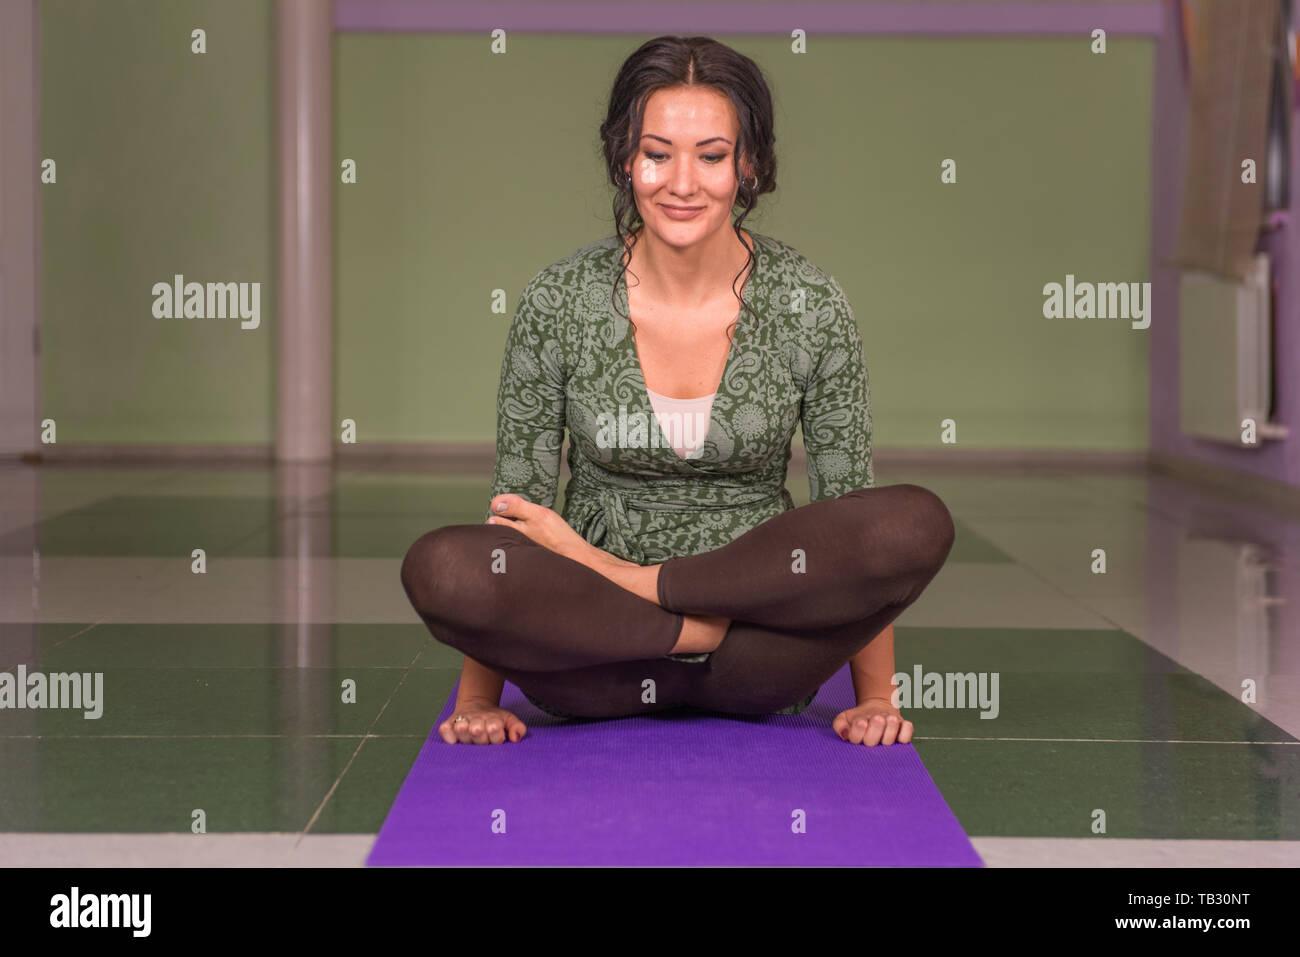 Formateur de yoga professionnel posant dans le yoga en classe de conditionnement physique Banque D'Images